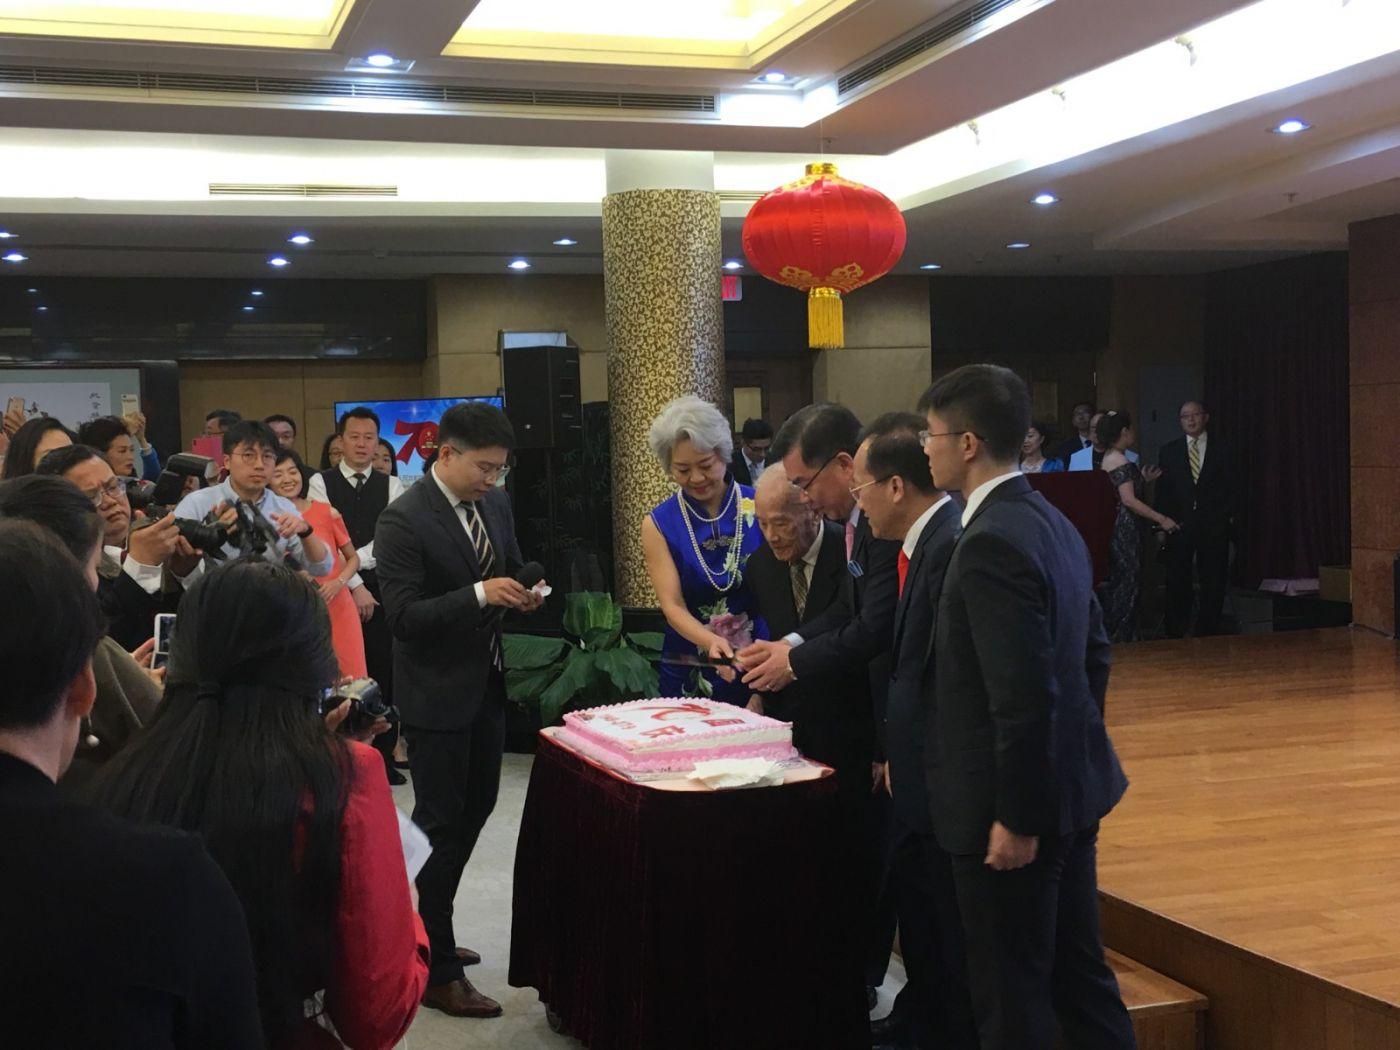 中国驻纽约总领事馆舉辦庆祝建国70周年招待會_图1-5